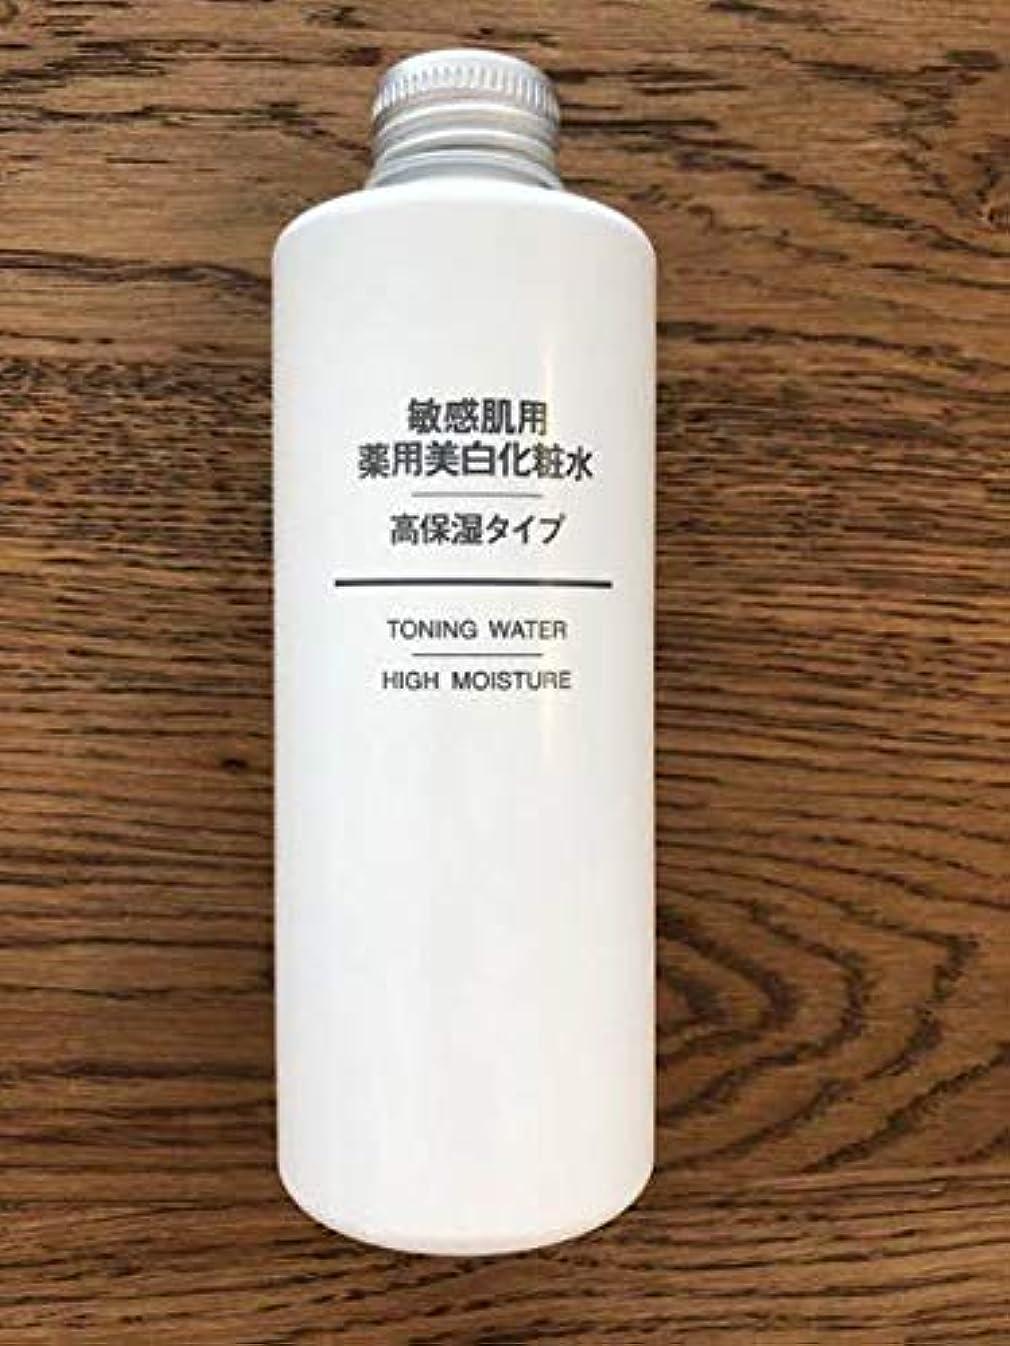 びっくり整然とした手がかり無印良品 敏感肌用 薬用美白化粧水 高保湿タイプ (新)200ml